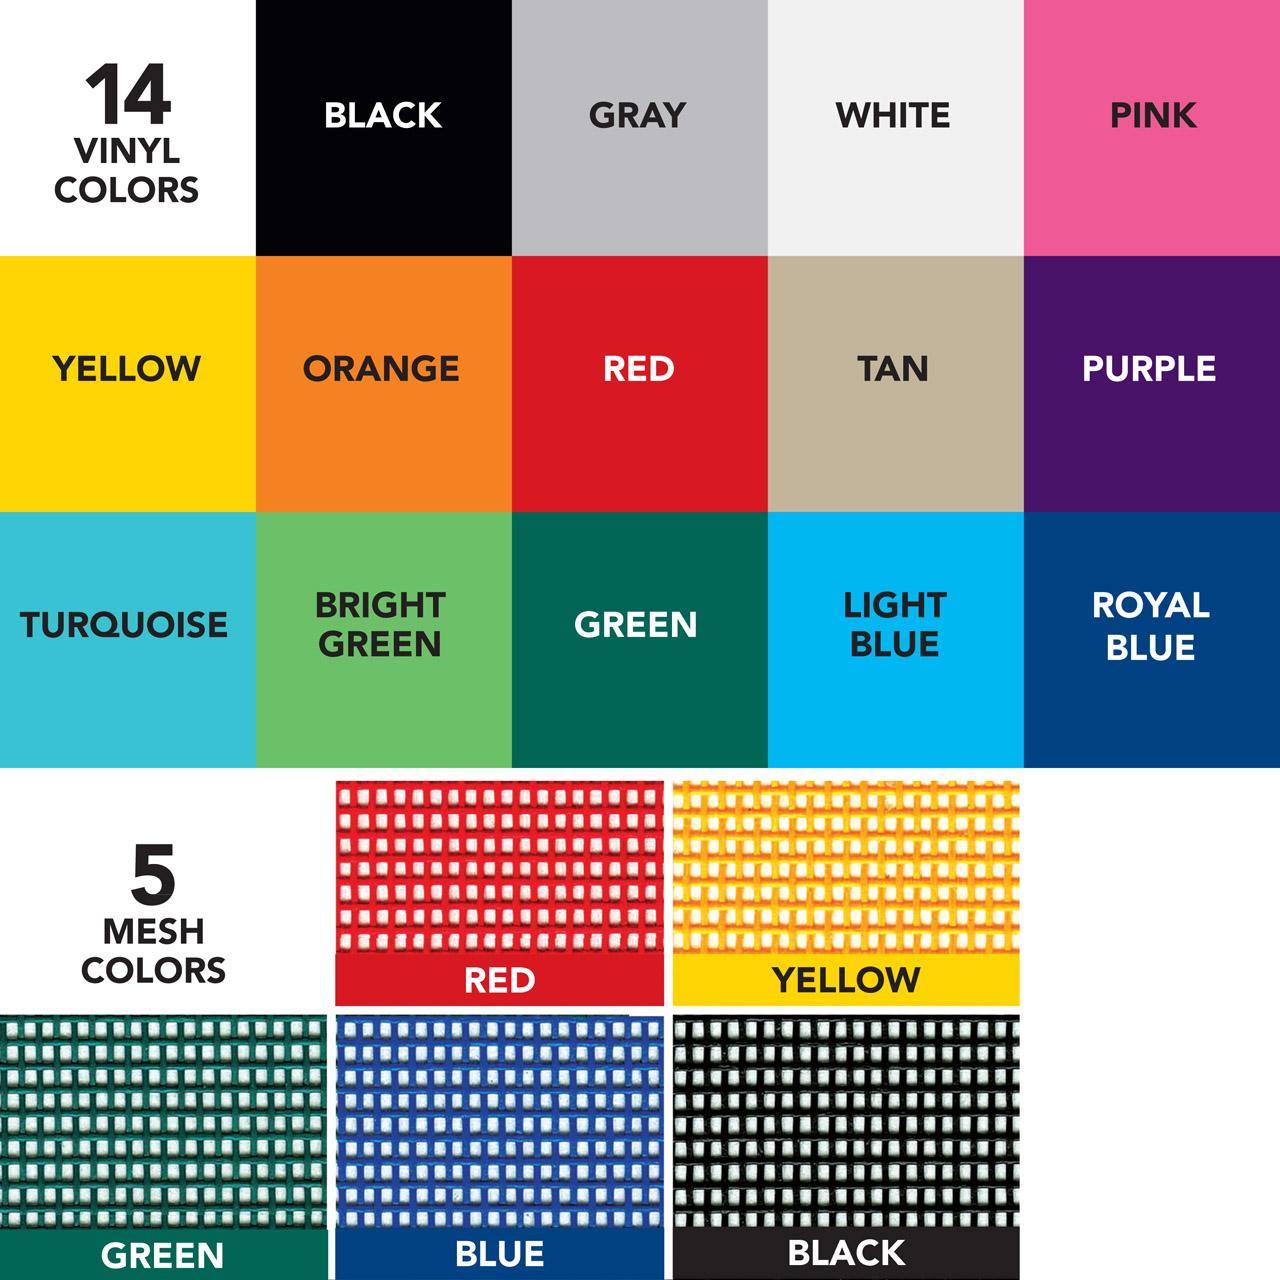 colorswatch032017.jpg